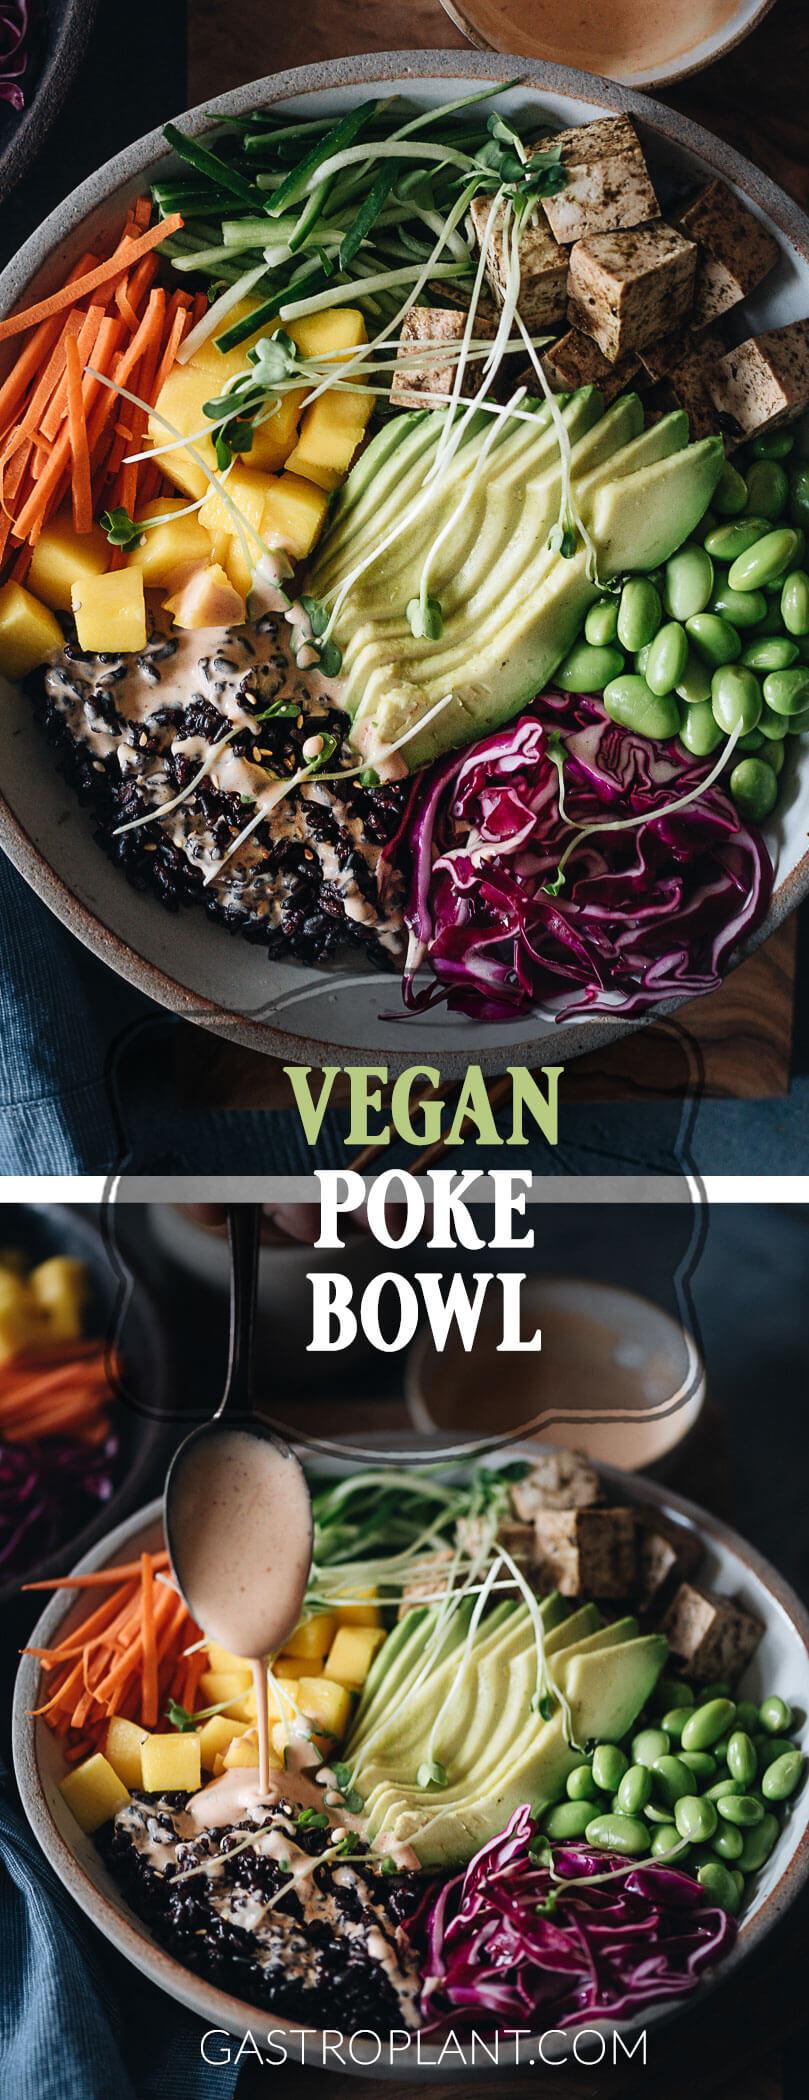 Vegan poke bowl with marinated tofu, avocado, mango, edamame, red cabbage, black rice